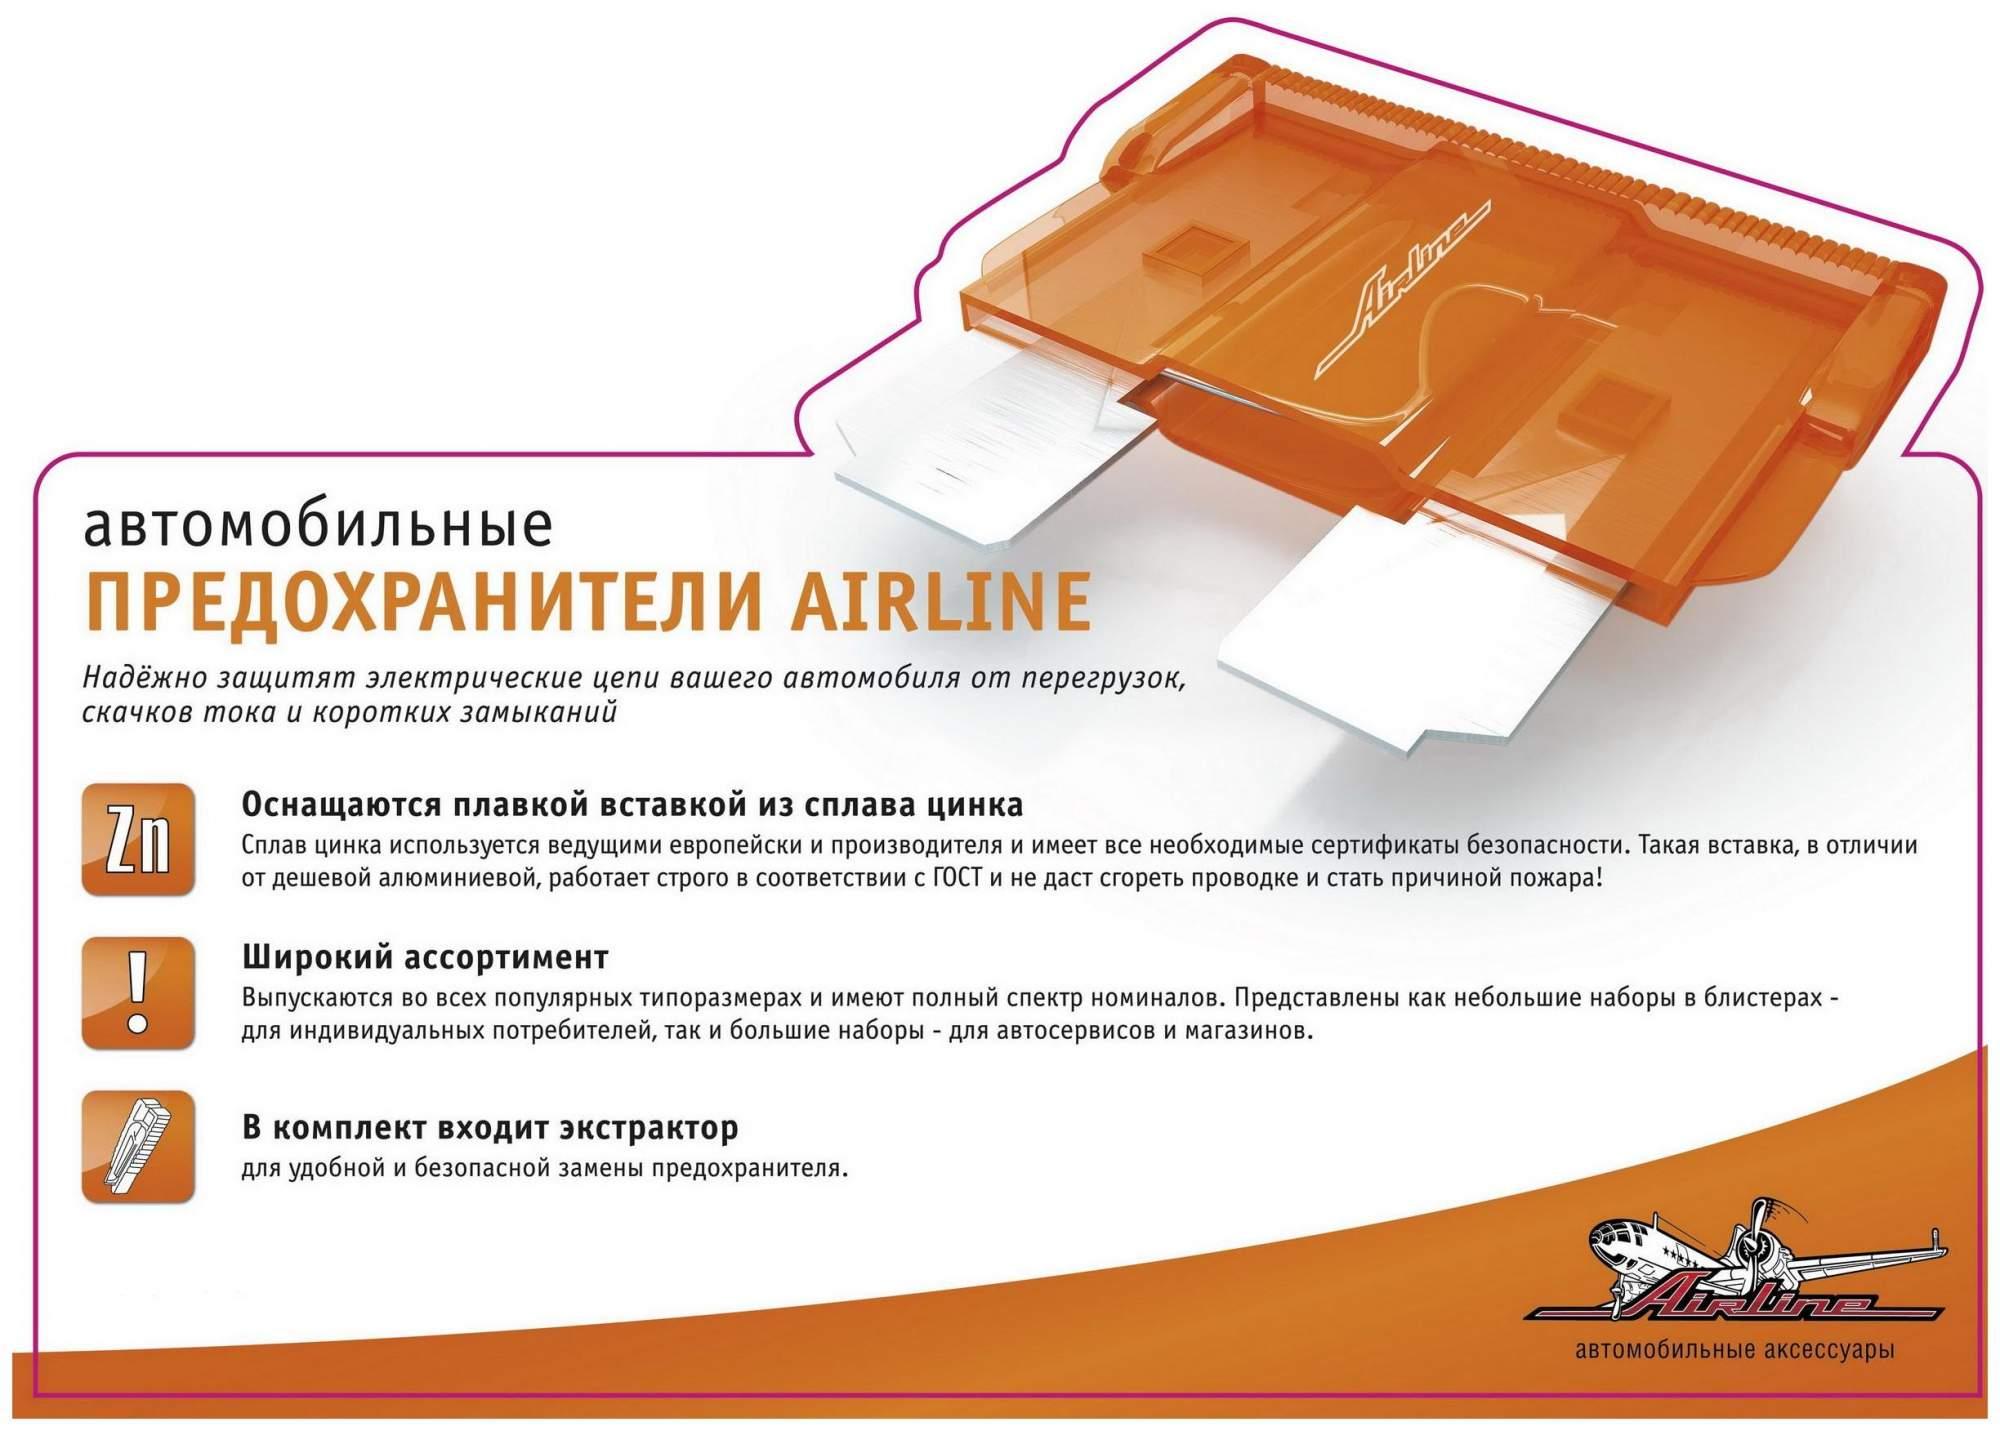 Набор автомобильных предохранителей Airline AFU-M-P510 AFU-M-P510